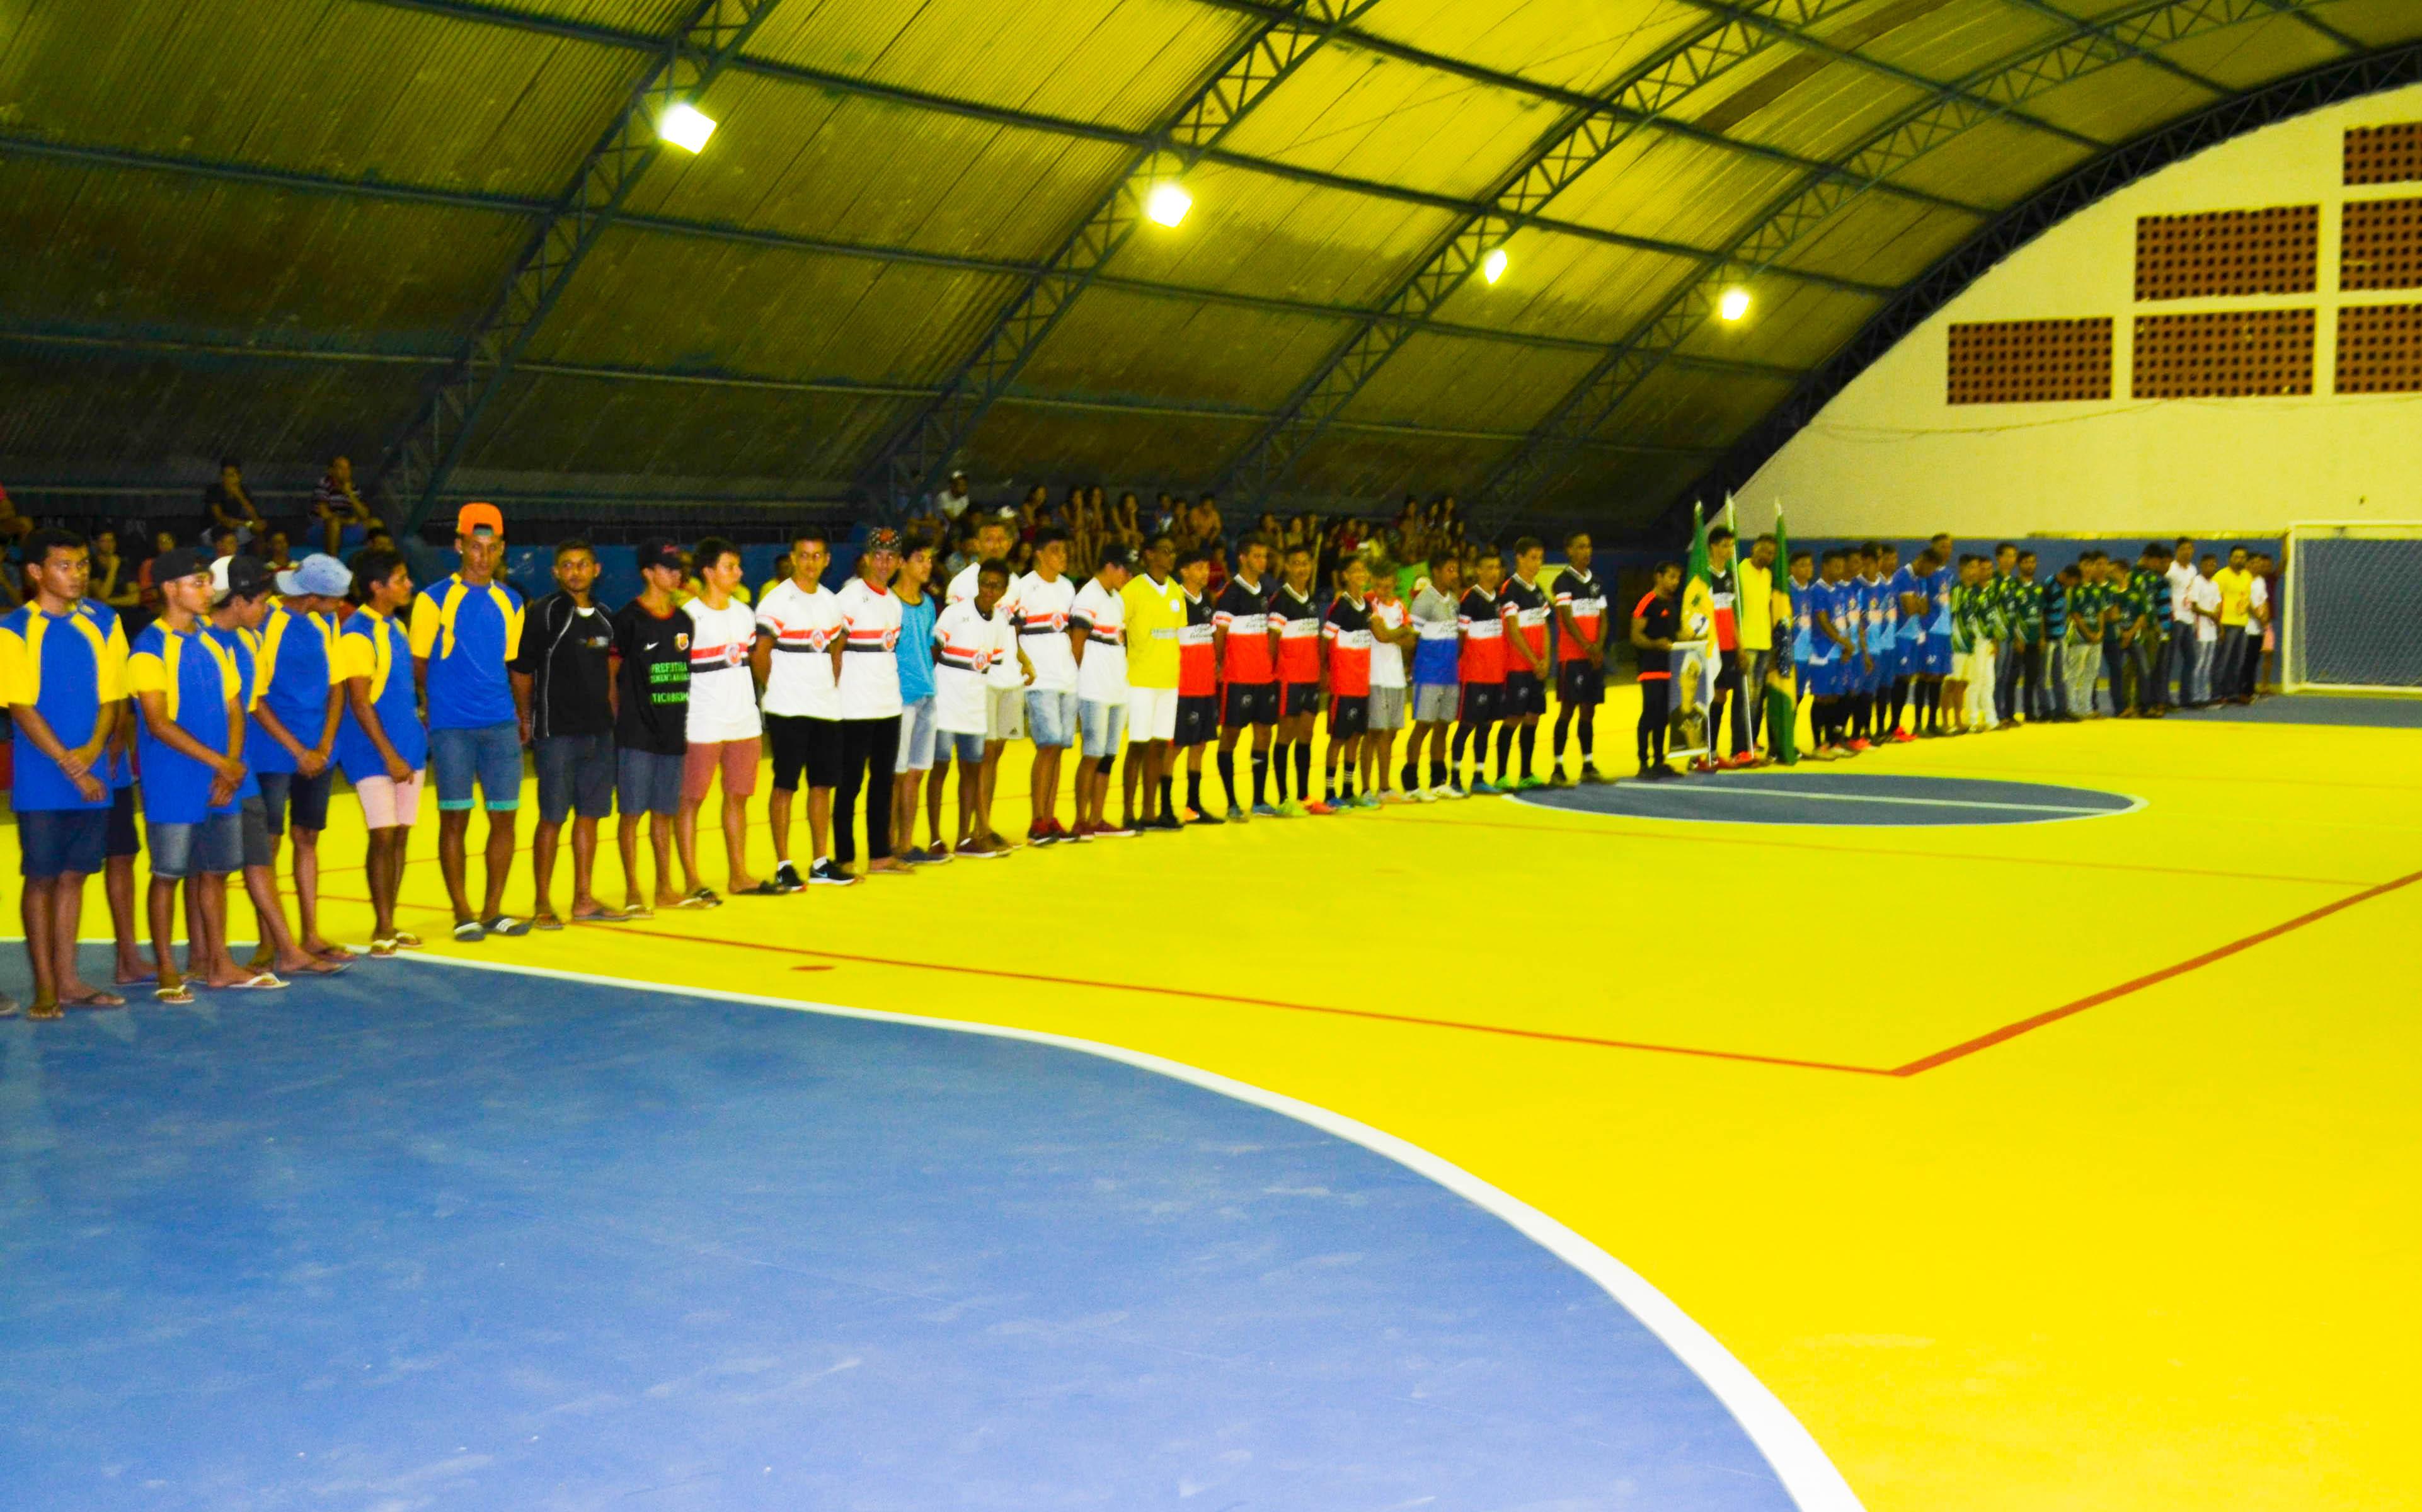 A Prefeitura realizou a abertura da primeira edição do Campeonato Municipal de Futsal (Taça Ricardo Cardozo).